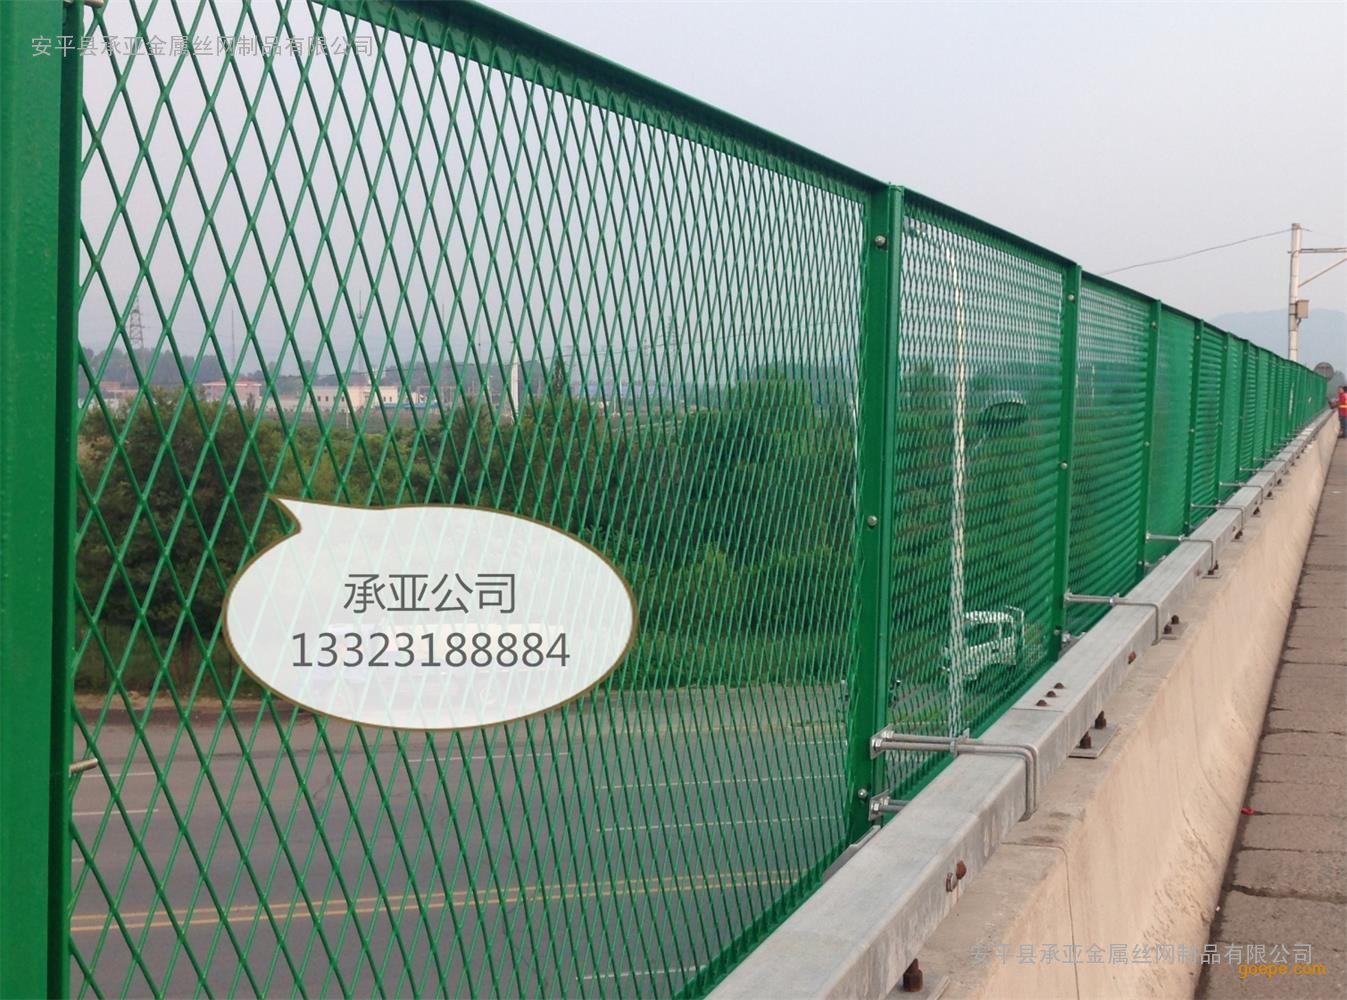 桥梁防护网@绿色桥梁防护网@桥梁防护网厂家